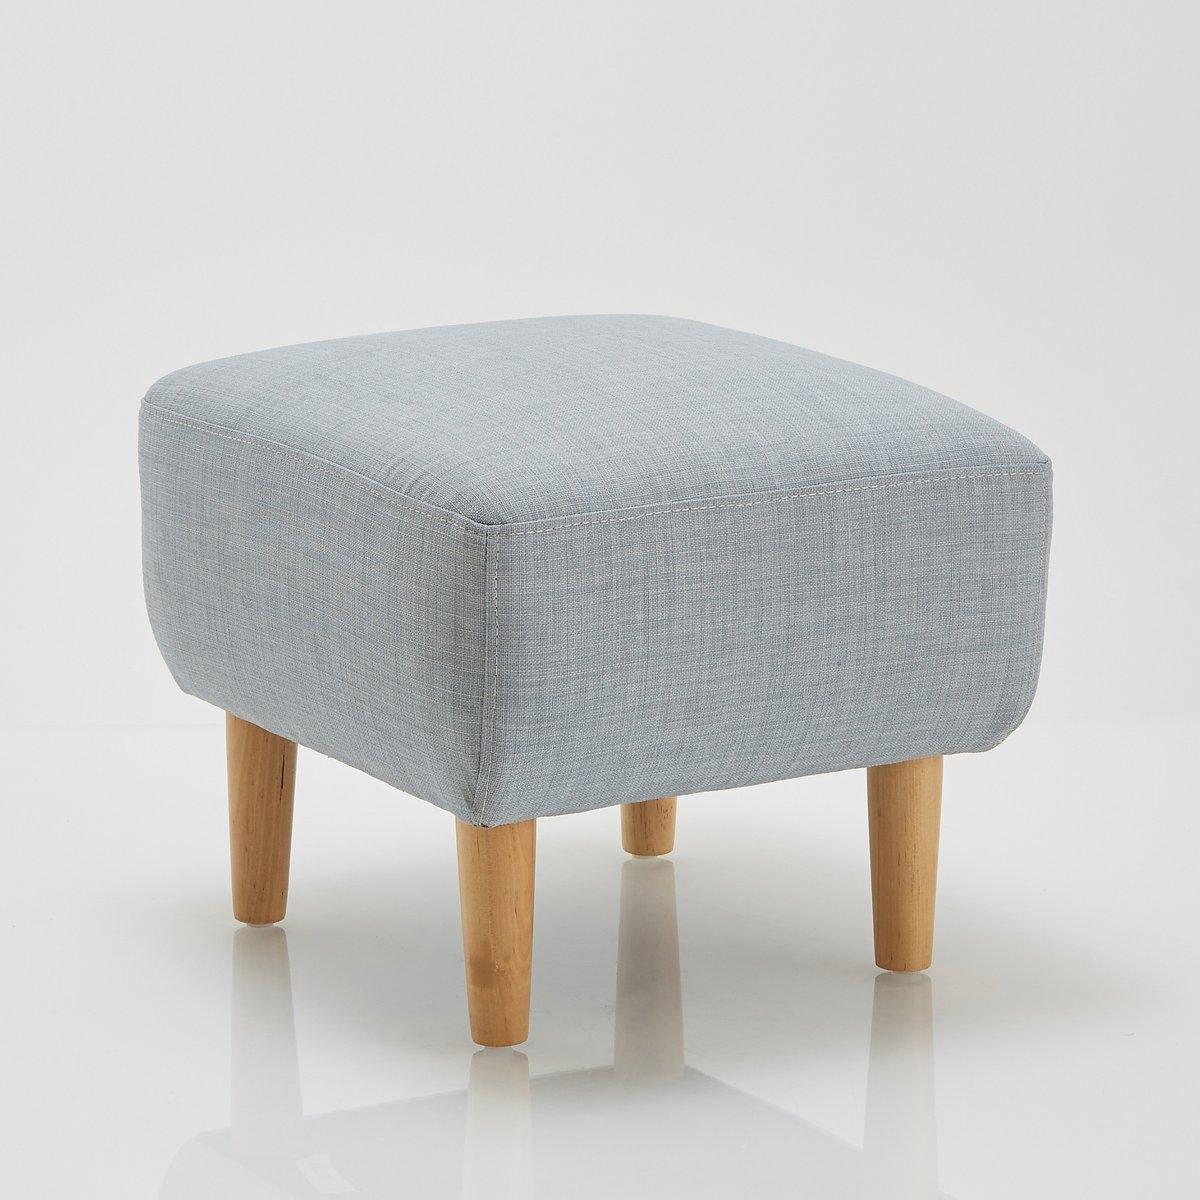 Подставка для ног JimiПодставка для ног Jimi . Из линейки мебели Jimi,эта подставка для ног или пуф предлагает вам вспомогательный практичный и удобный предмет мебели, выполненный в нордическом стиле, который создает очень уютную атмосферу \. Подходящие диван и кресла продаются на нашем сайте .Описание подставки для ног Jimi :Симпатичный широкий и удобный пуф квадратной формы.Характеристики подставки для ног  Jimi :Обивка :Слегка крапчатая ткань 90% полиэстера, 10% хлопка, несъемный чехол.Комфорт :Полиуретановый наполнитель 22 кг/м? (2 см), 30 кг/м? (5 см) и 16 кг/м? (1 см) + покрытие из полиэстеровых волокон.Характеристики: :Каркас из массива лиственницы и фанеры.На дуговых пружинах.Ножки из березы с НЦ-лакировкой, В15 см .Всю коллекцию Jimi вы можете найти на сайте laredoute.ruРазмеры подставки для ног Jimi :ОбщиеШирина : 47 смВысота : 39 смГлубина : 42 смСиденье : выс. 39 см.Размеры и вес ящика :1 посылка50 x 47 x 26 см.  6 кг.Доставка :Подставка для ног Jimi продается с отвинченными ножками.  Доставка до квартиры!Внимание ! Убедитесь, что посылку возможно доставить на дом, учитывая ее габариты.<br><br>Цвет: антрацит,светло-серый,синий,темно-синий<br>Размер: единый размер